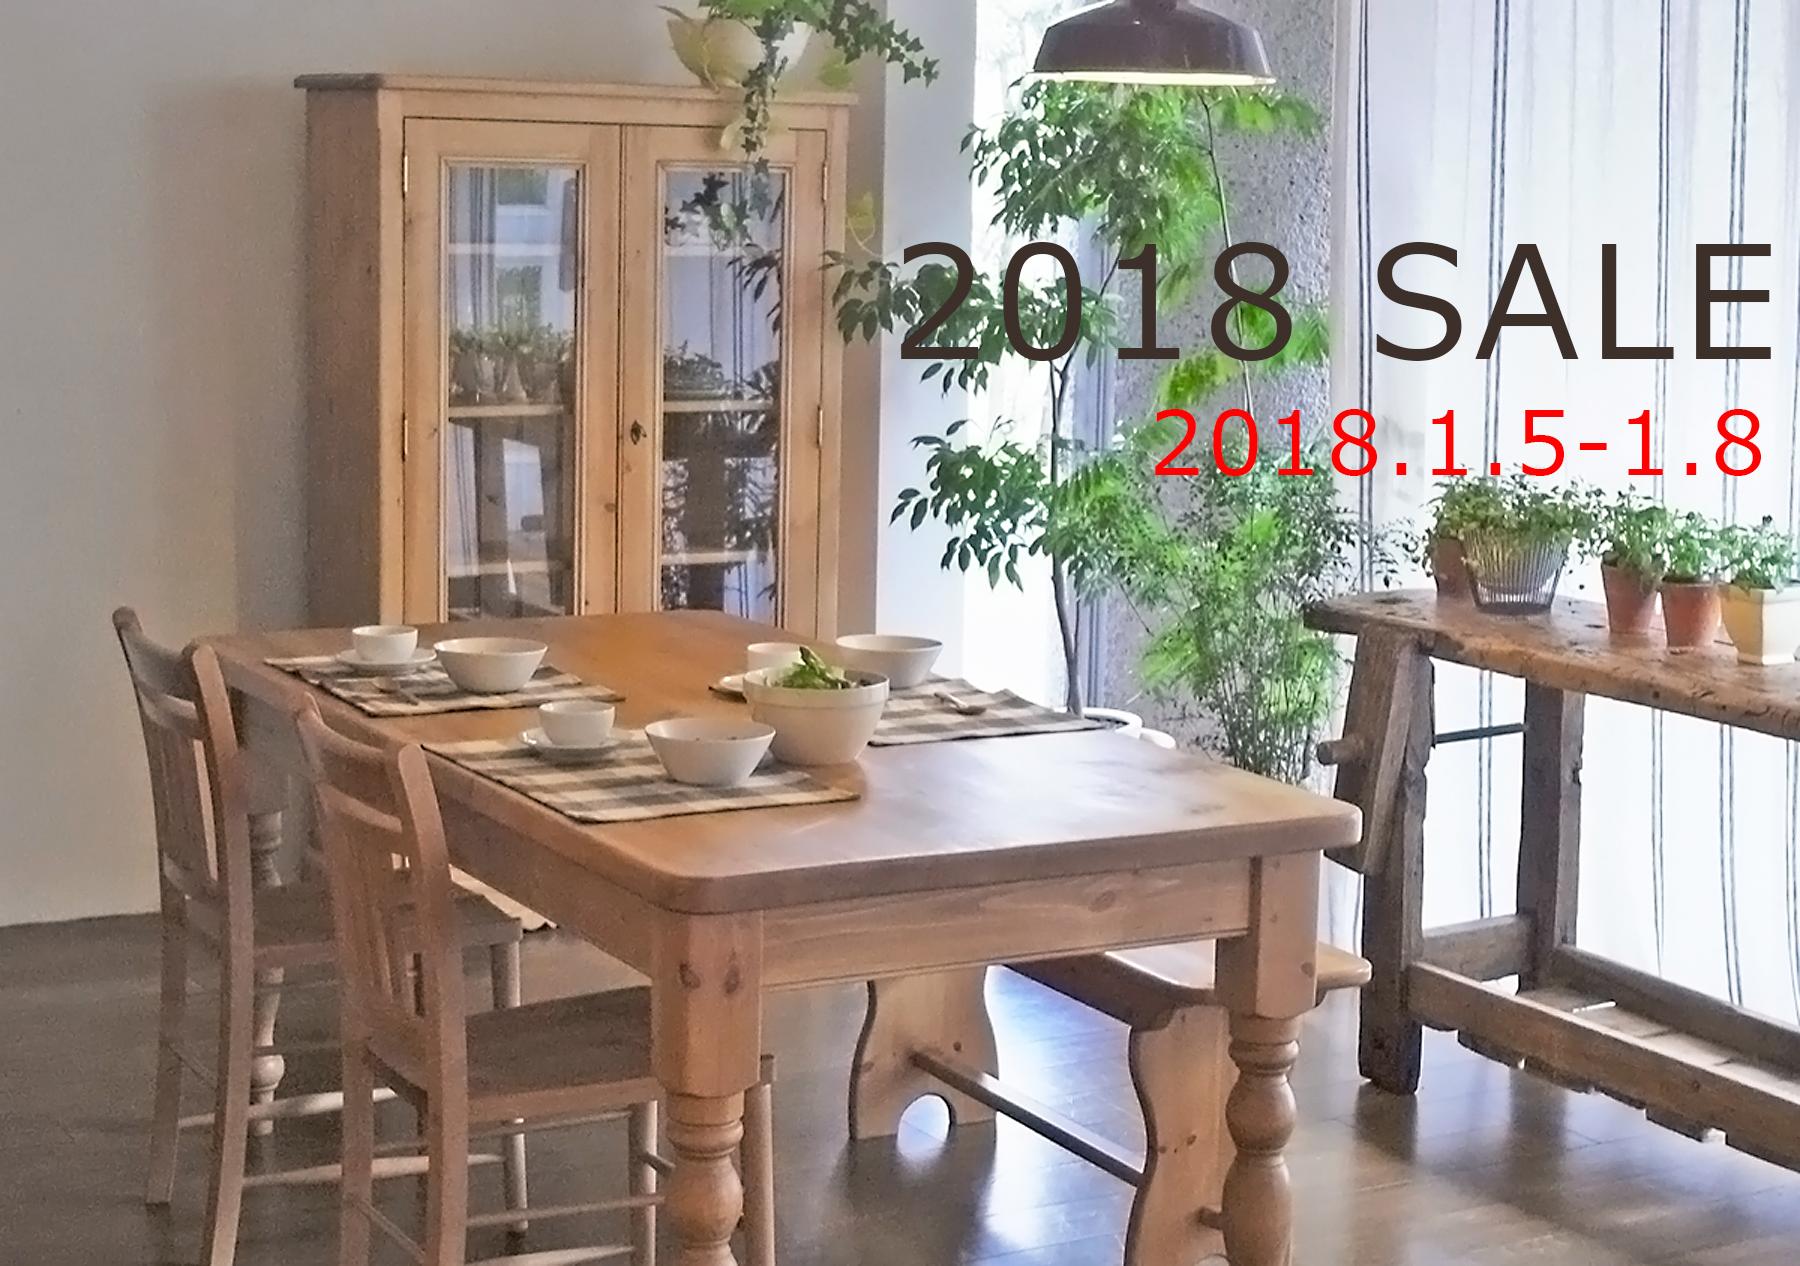 2018SALE-3